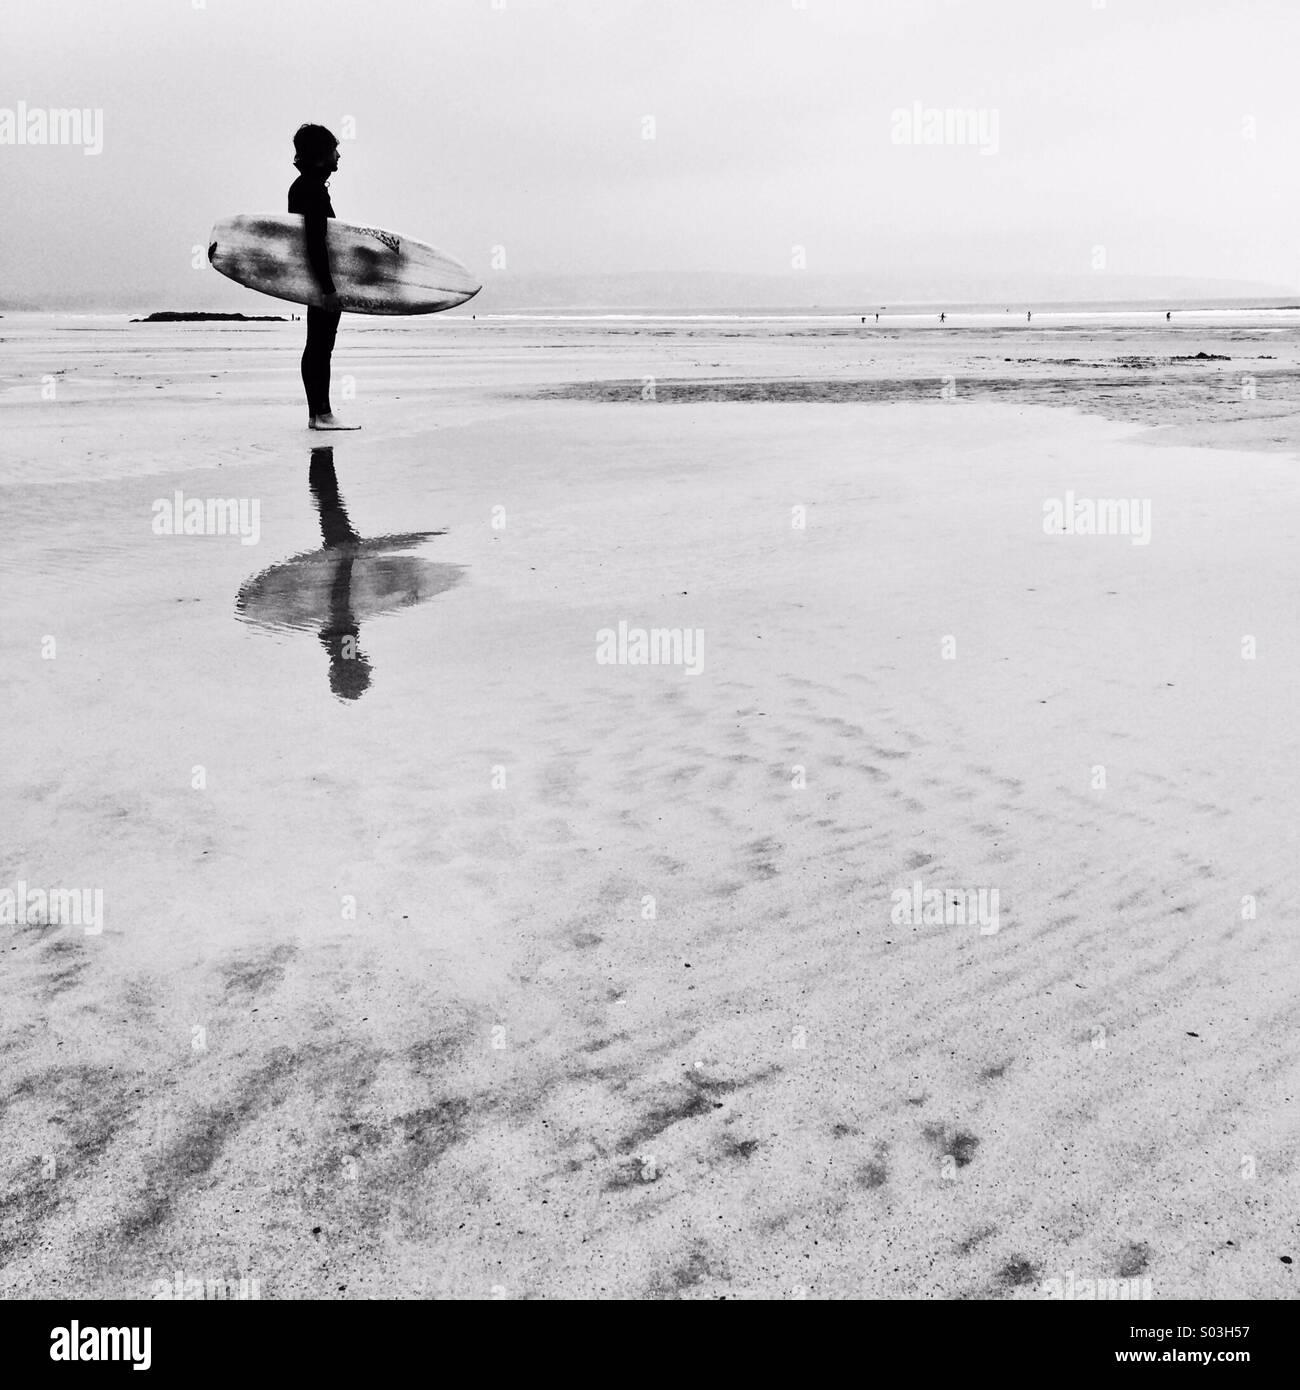 Surfer, die Überprüfung der Wellen im Winter an der ersten Ampel. Stockbild